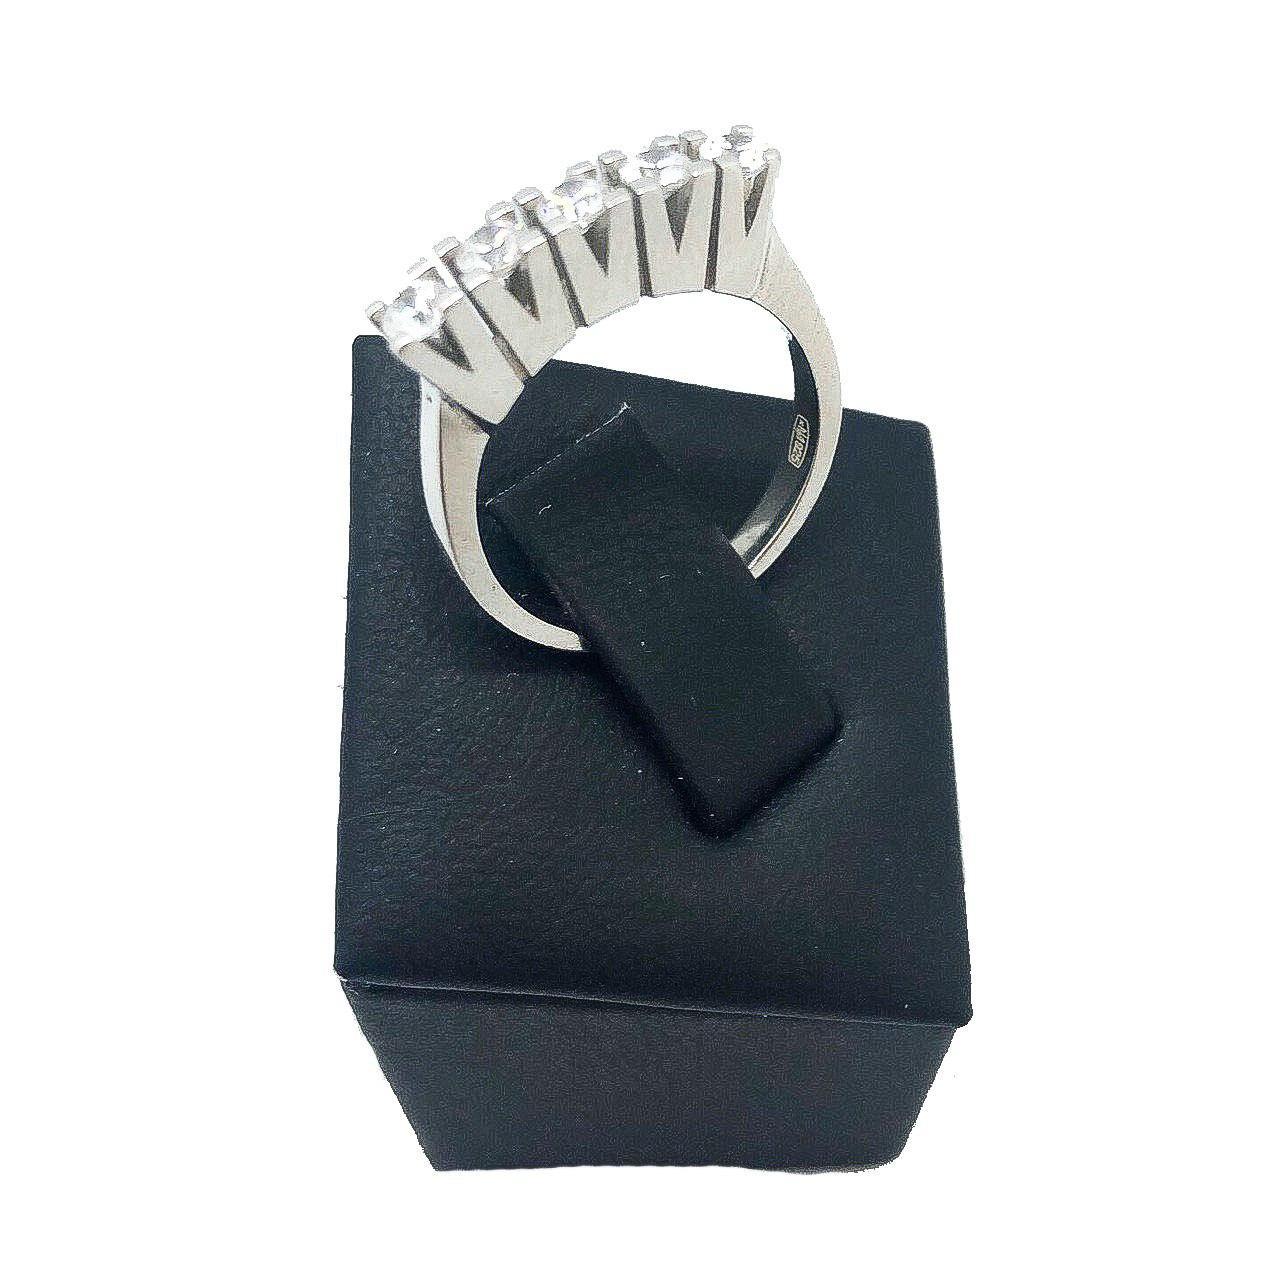 Кольцо Beauty Bar из серебра с камнями Swarovski, тренд: самая новая модель (размеры 16,5 и 17)